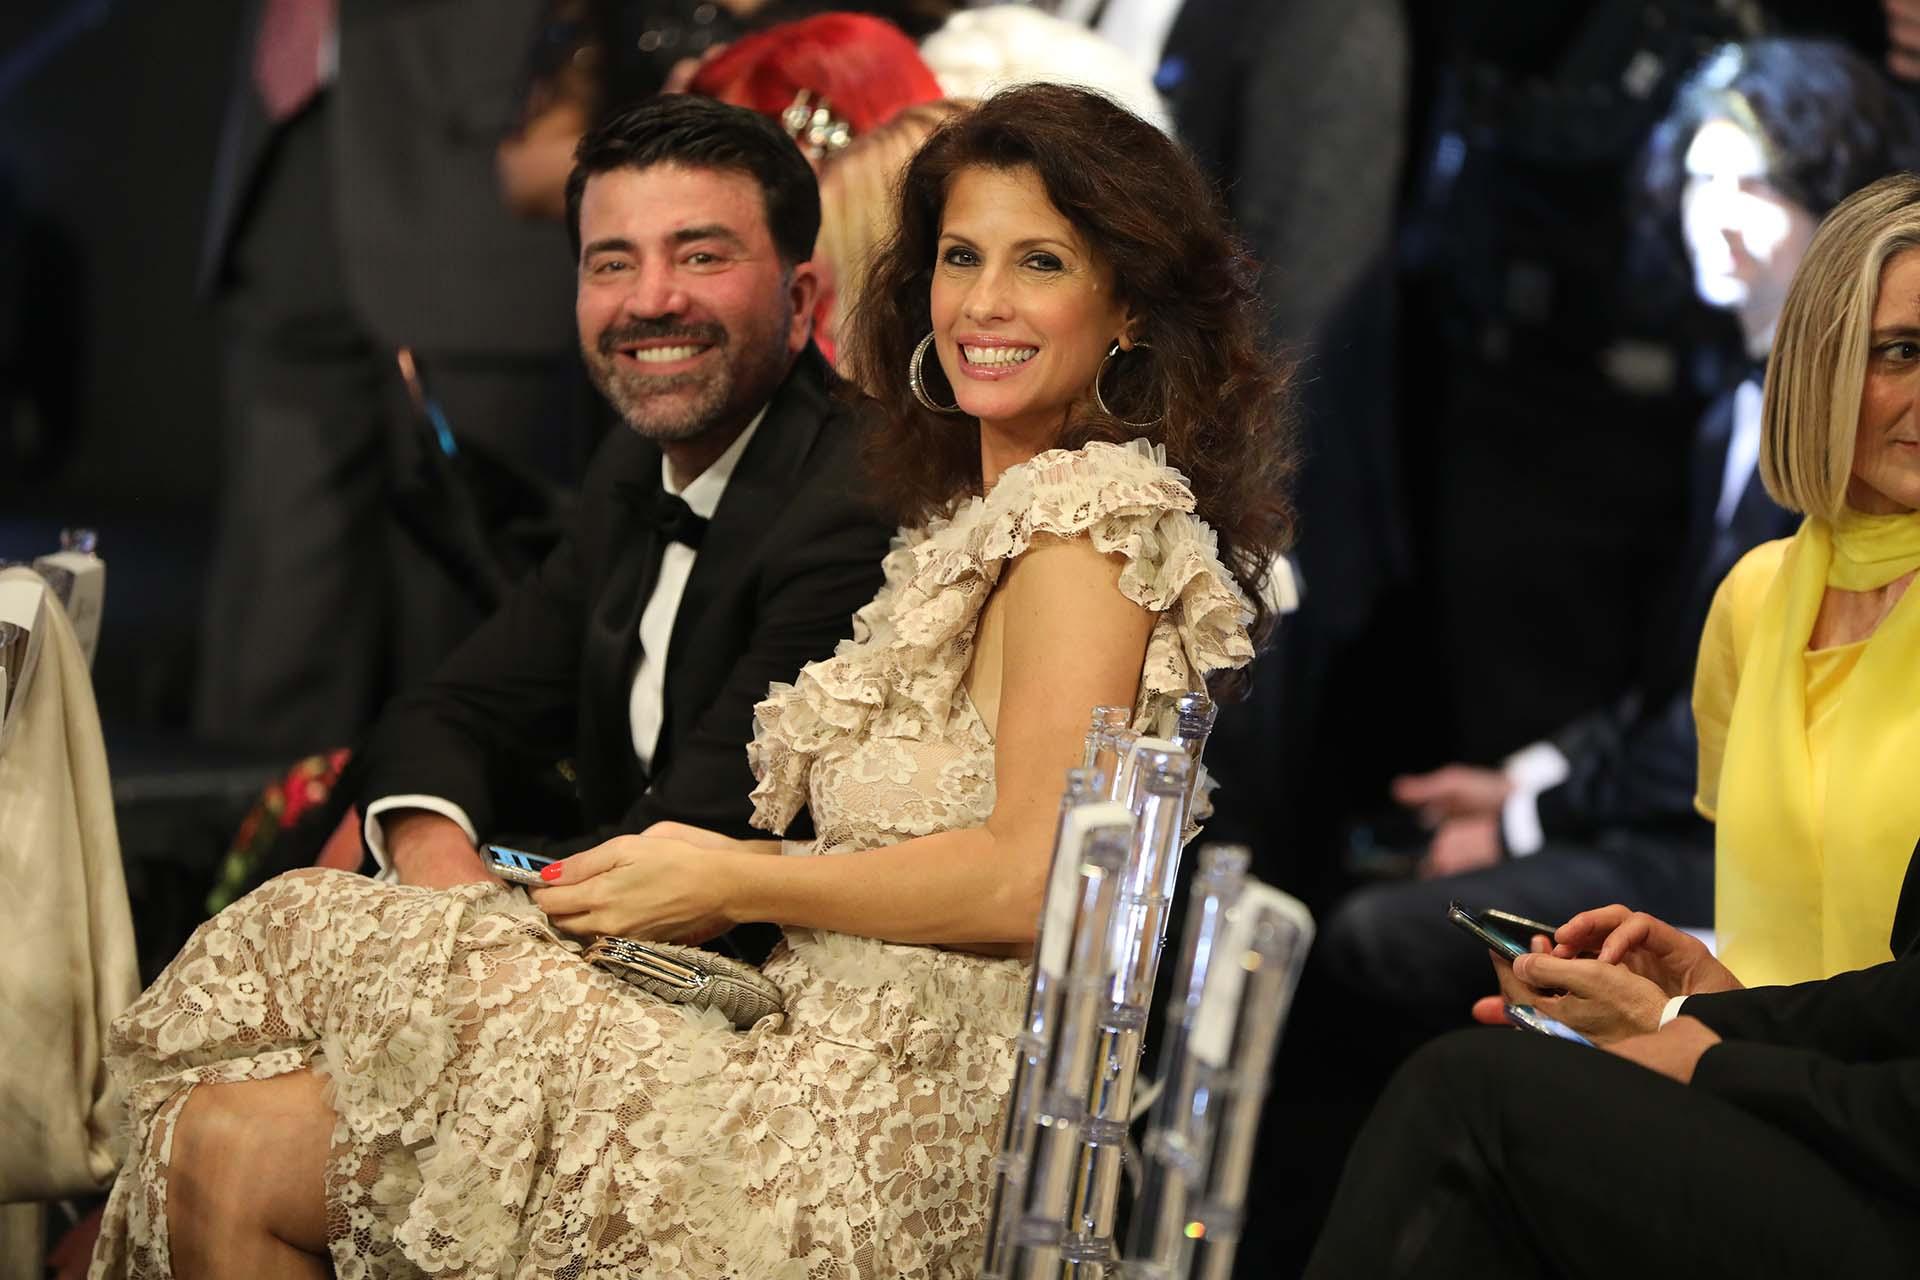 Analía Maiorana también fue sin su marido, el vicejefe de Gobierno de la Ciudad de Buenos Aires Diego Santilli. La acompañó el diseñador Javier Saiach quien fue el encargado de realizar el espectacular vestido que la ex modelo lució en el Tattersall